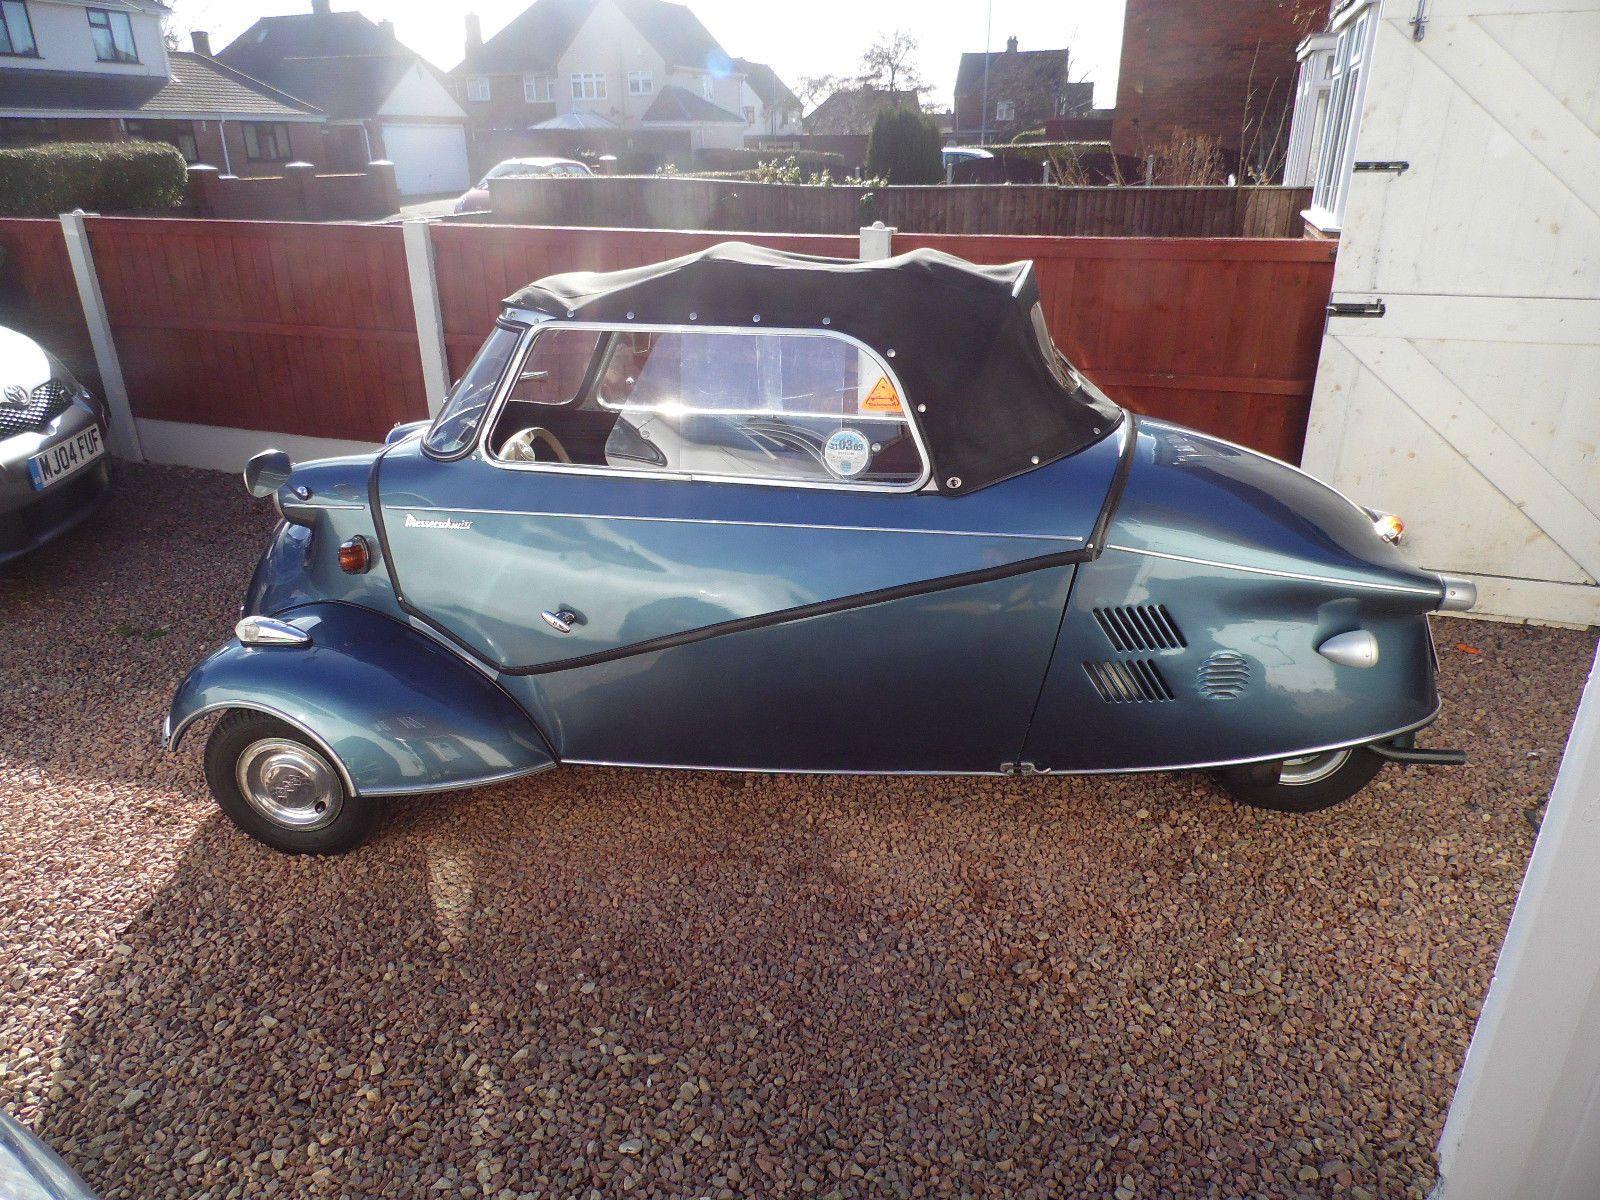 1961 Messerschmitt KR200 cabriolet - Micro car Bubble car | Cars ...